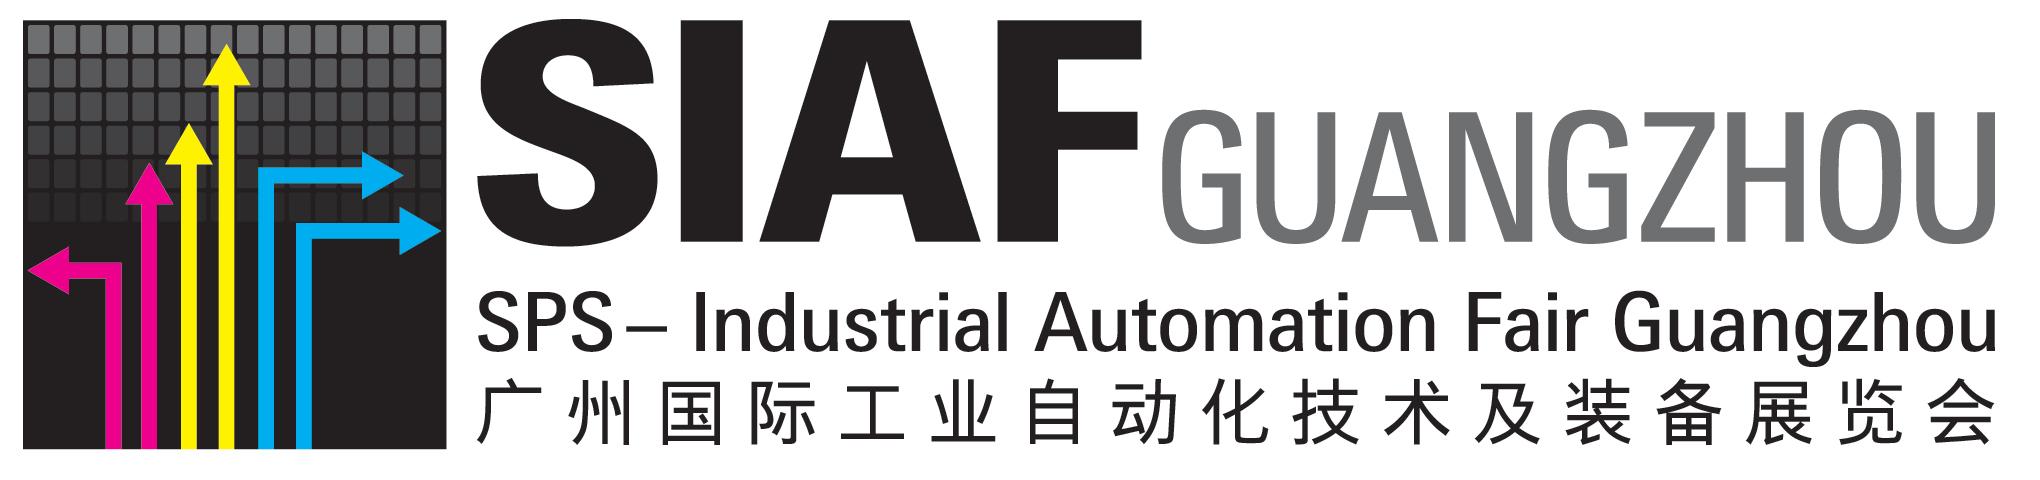 2020年广州国际工业自动化技术及装备展览会(SIAF)延期举办公告